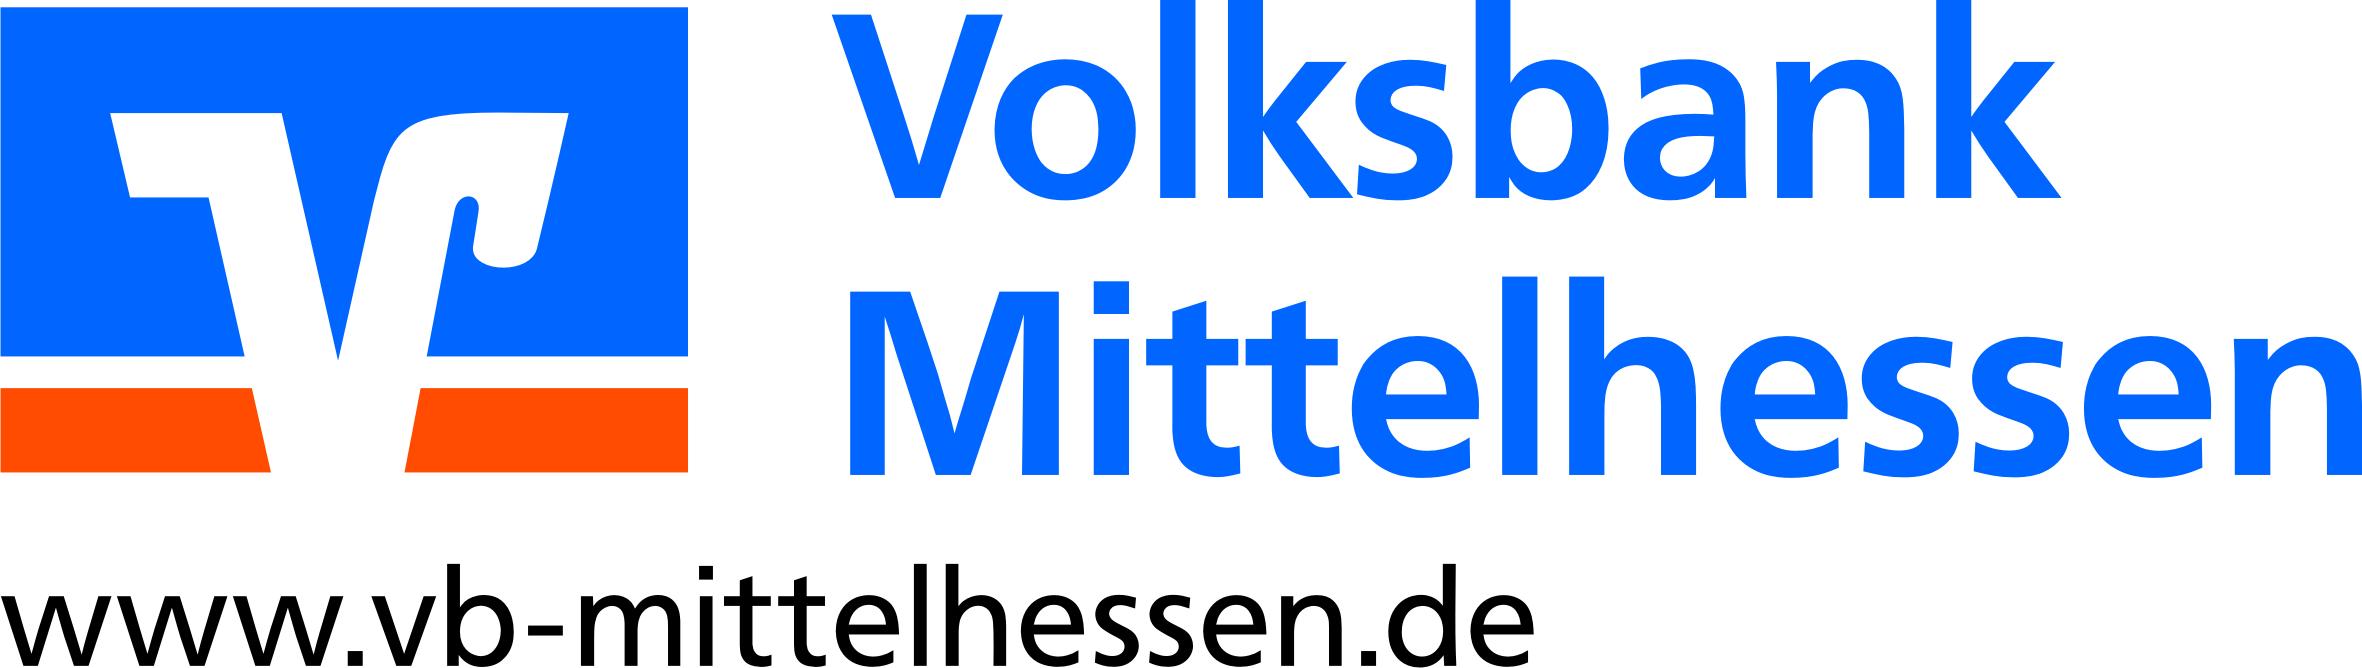 Logo_Volksbank Mittelhessen